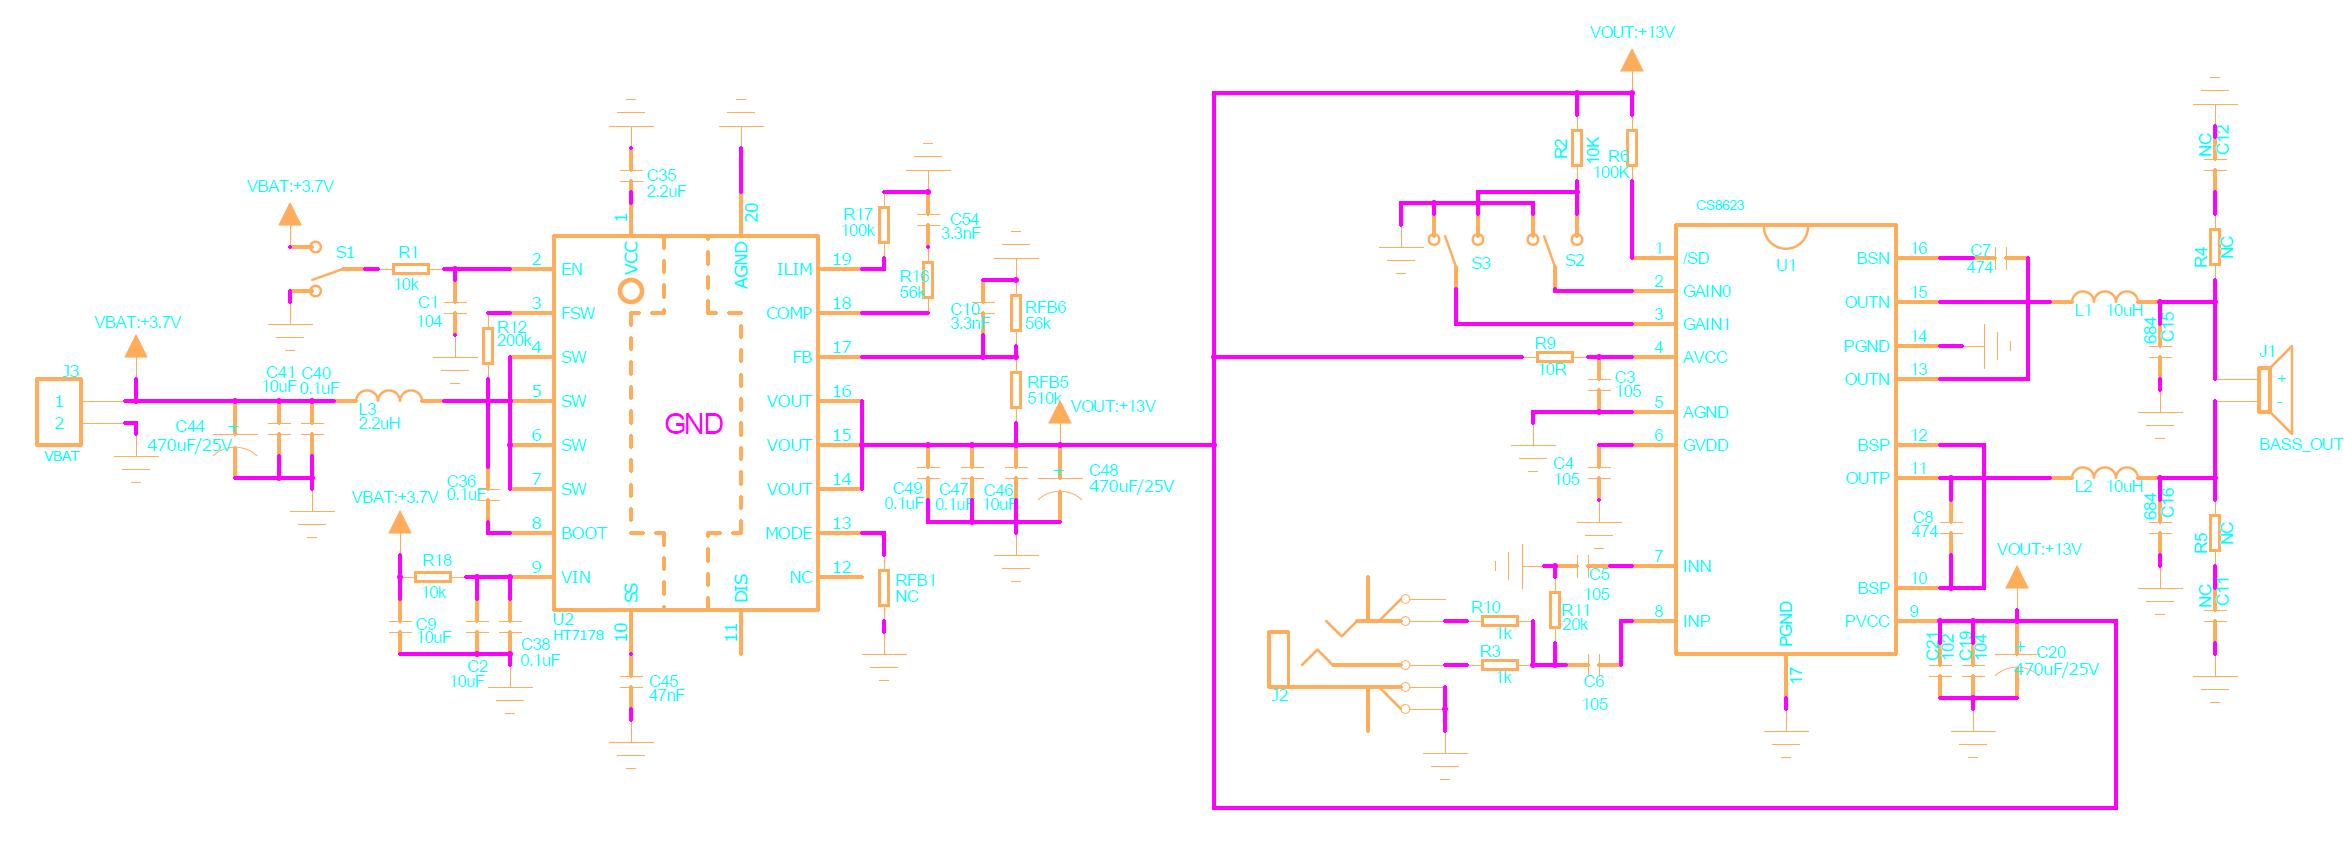 深圳市永阜康科技有限公司推出基于HT7178+CS8623的单节锂电池3.7V升压至12V、20W单声道D类音频放大组合解决方案,无需外围MOS管、二级管及散热器,同步升压效率最高达85%,D类音频功率放大器CS8623采用ESOP-16的封装,外围简单应用方便,极具性价比。 方案简介 此方案大致分为两个主要级: 1,采用HT7178同步升压转换器。此设计3.